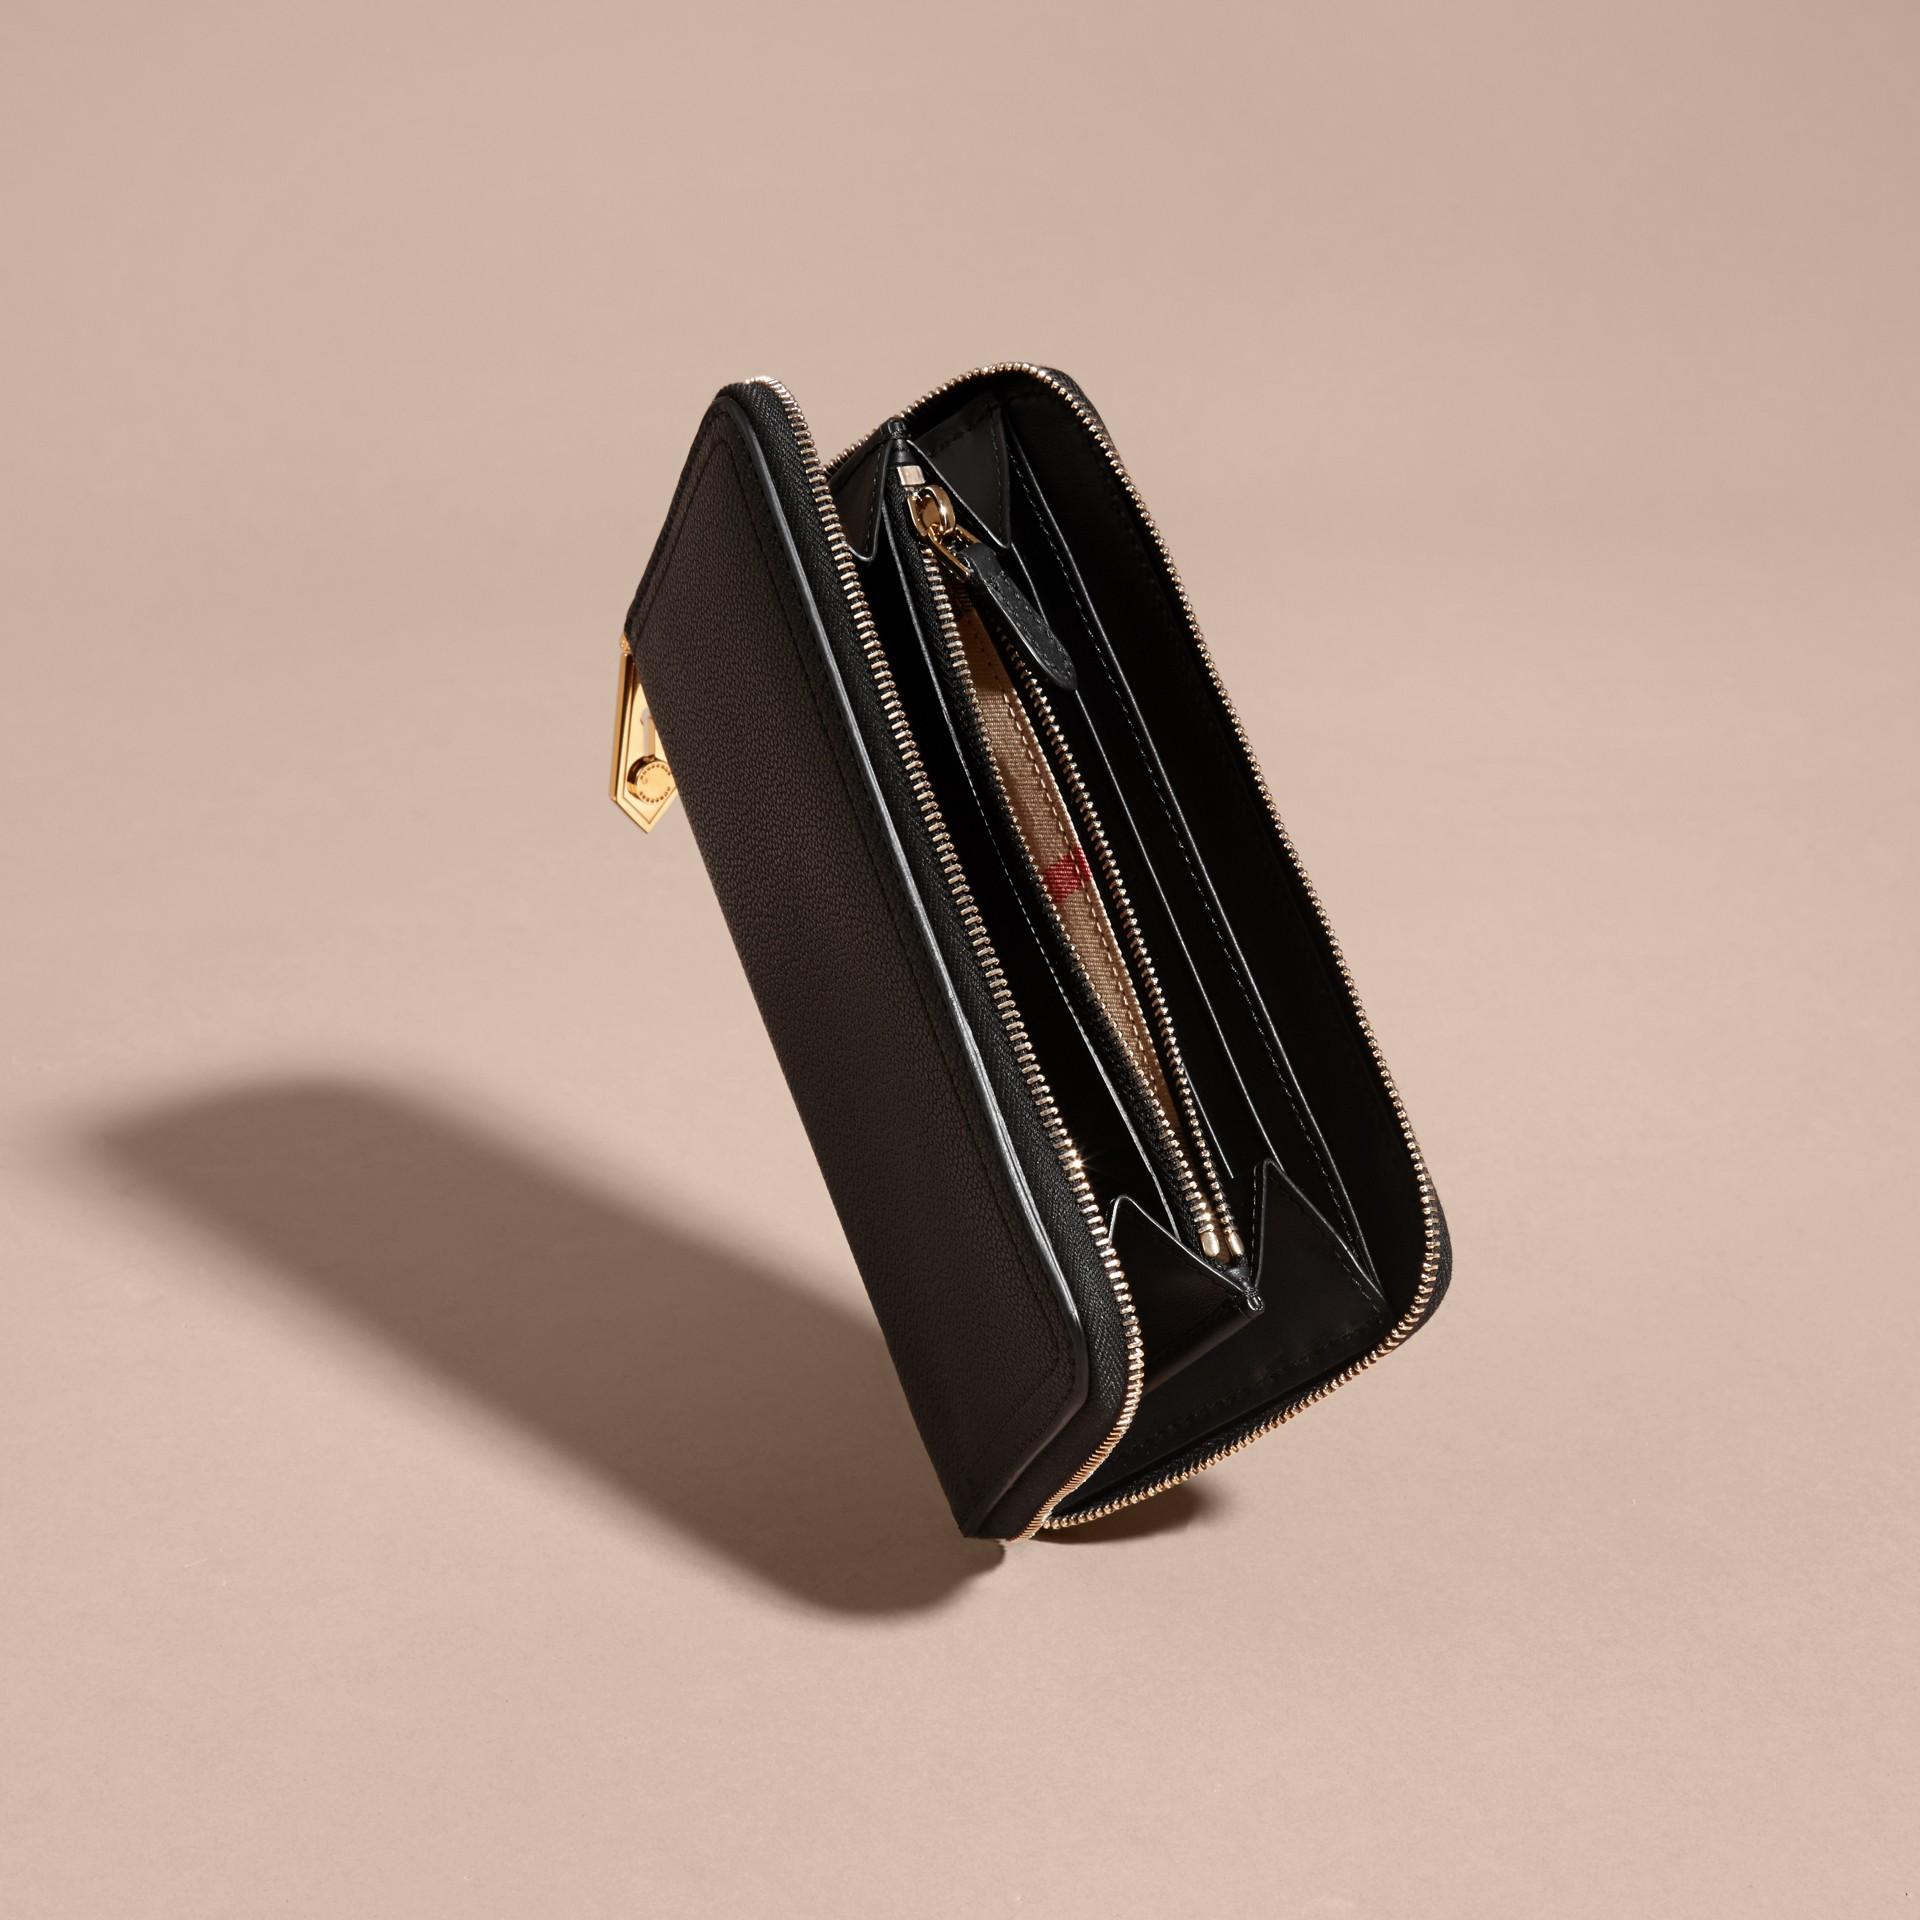 Nero Portafoglio in pelle a grana con cerniera su tre lati Nero - immagine della galleria 5